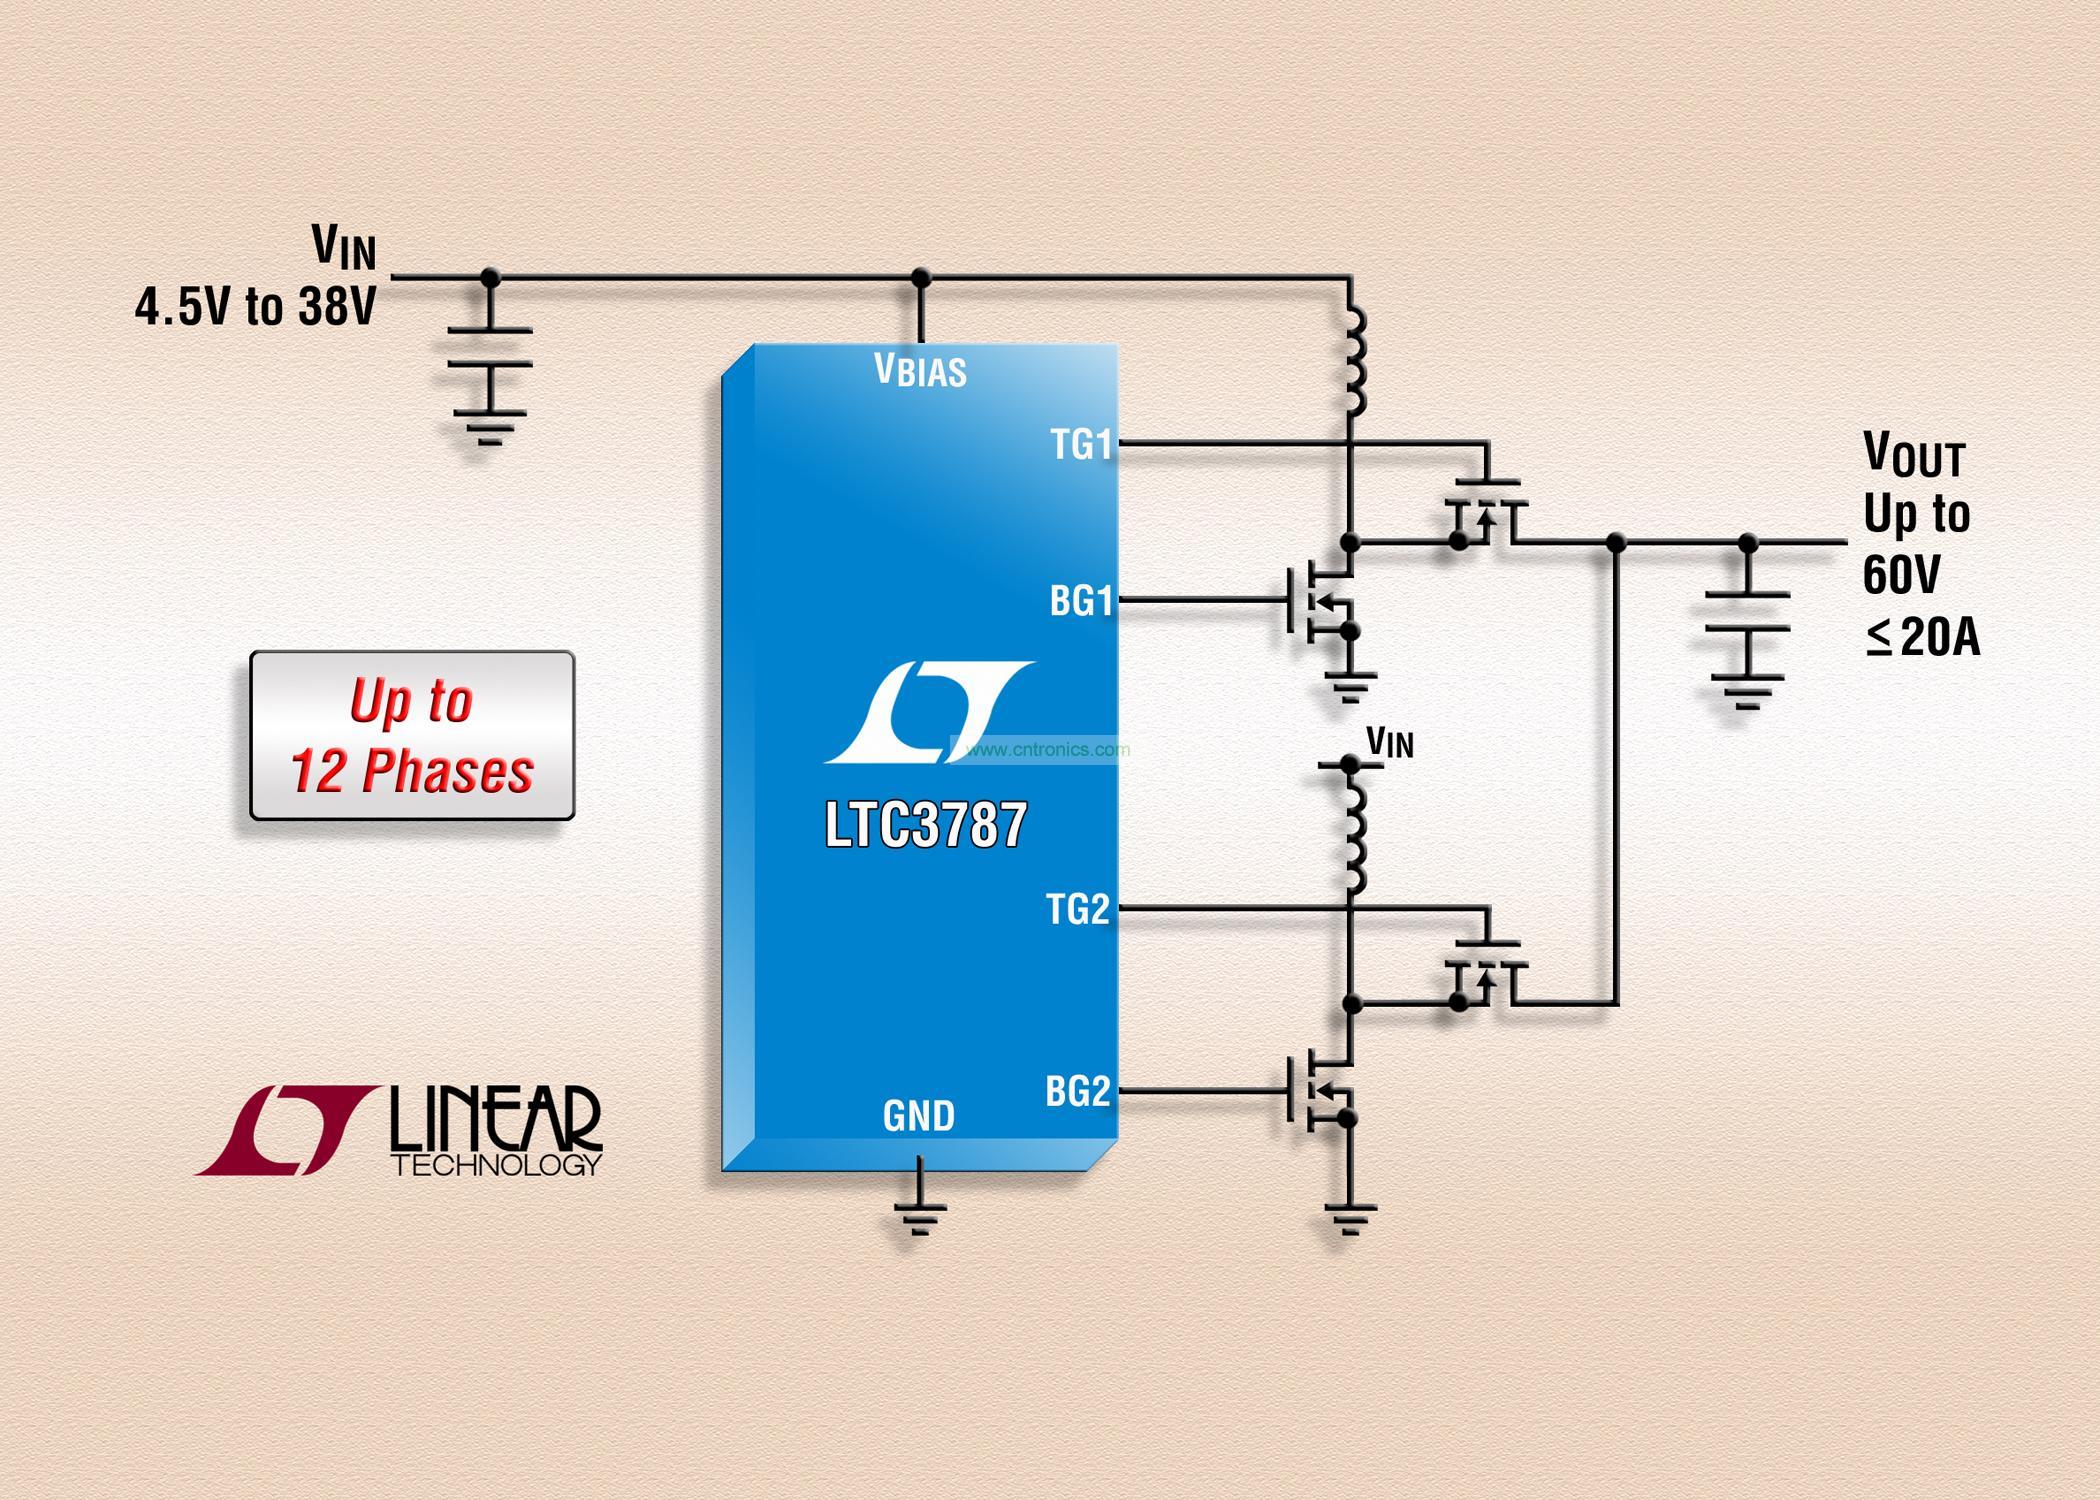 照片说明:60V 多相同步升压型 DC/DC 控制器